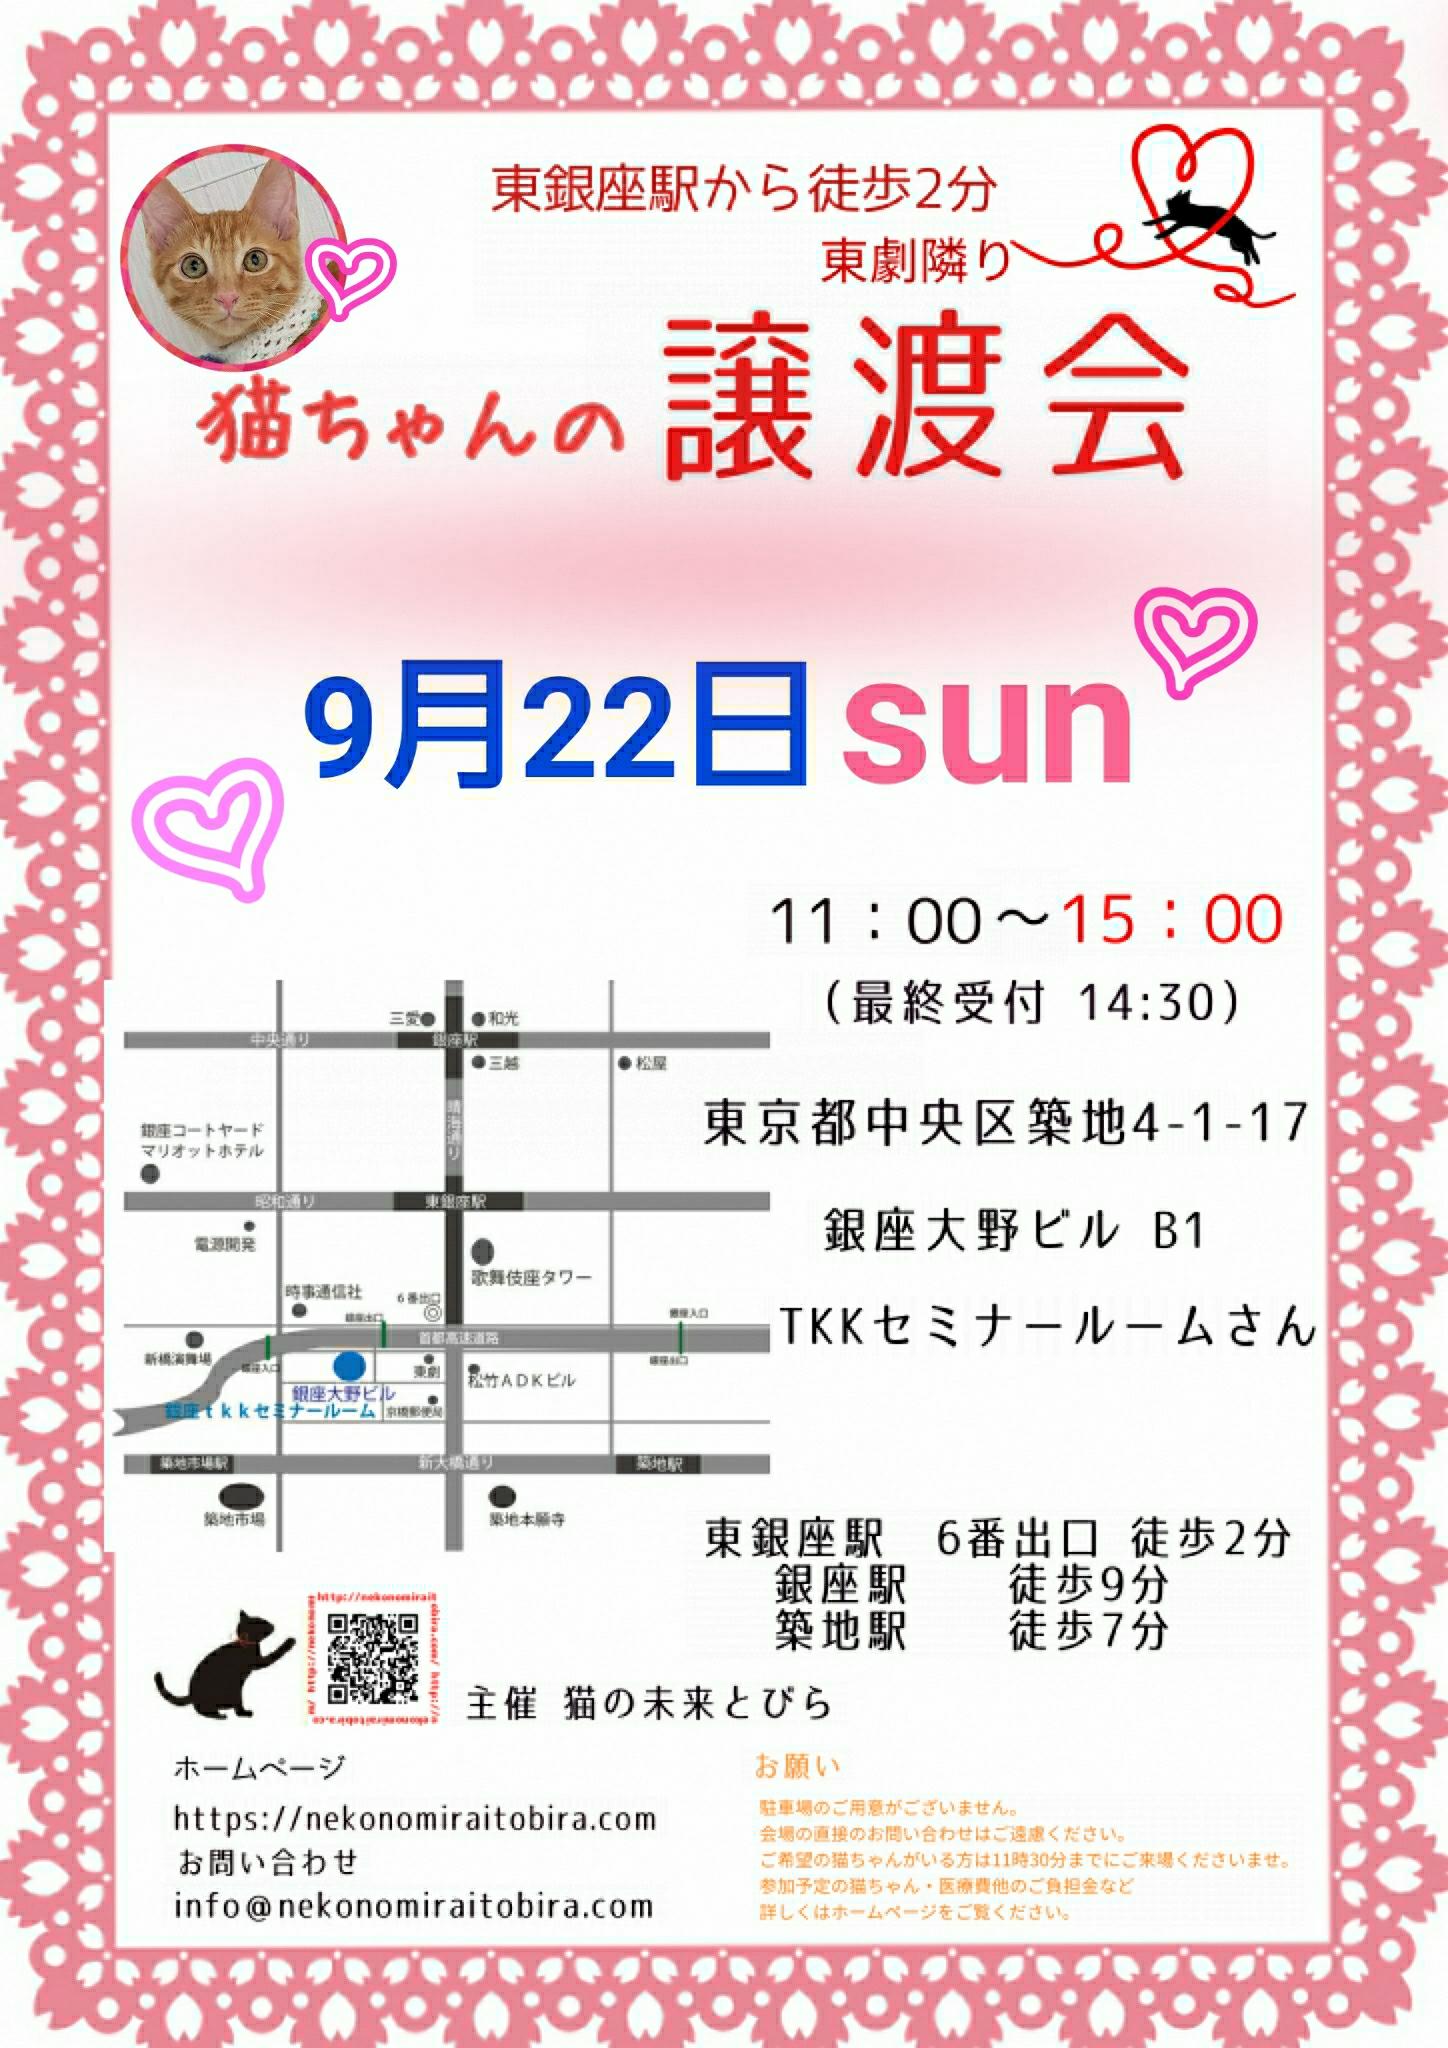 【 第41回】 <br>東京東銀座にて ねこの譲渡会開催